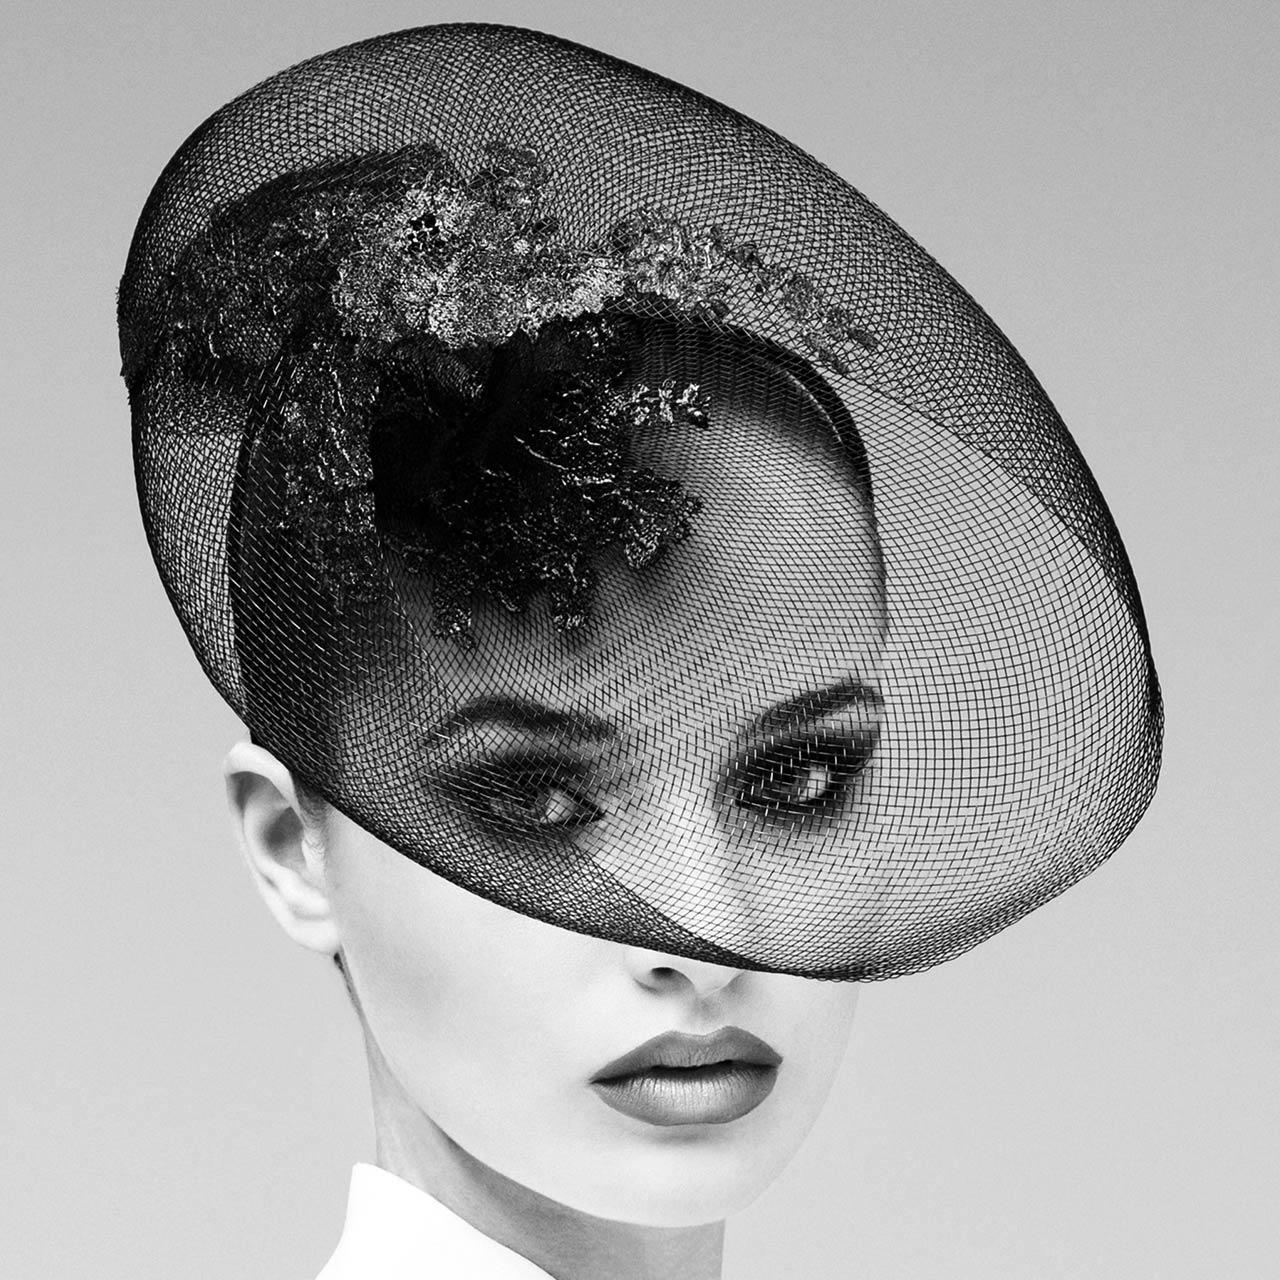 Monvieve Delphine Headpiece Collection